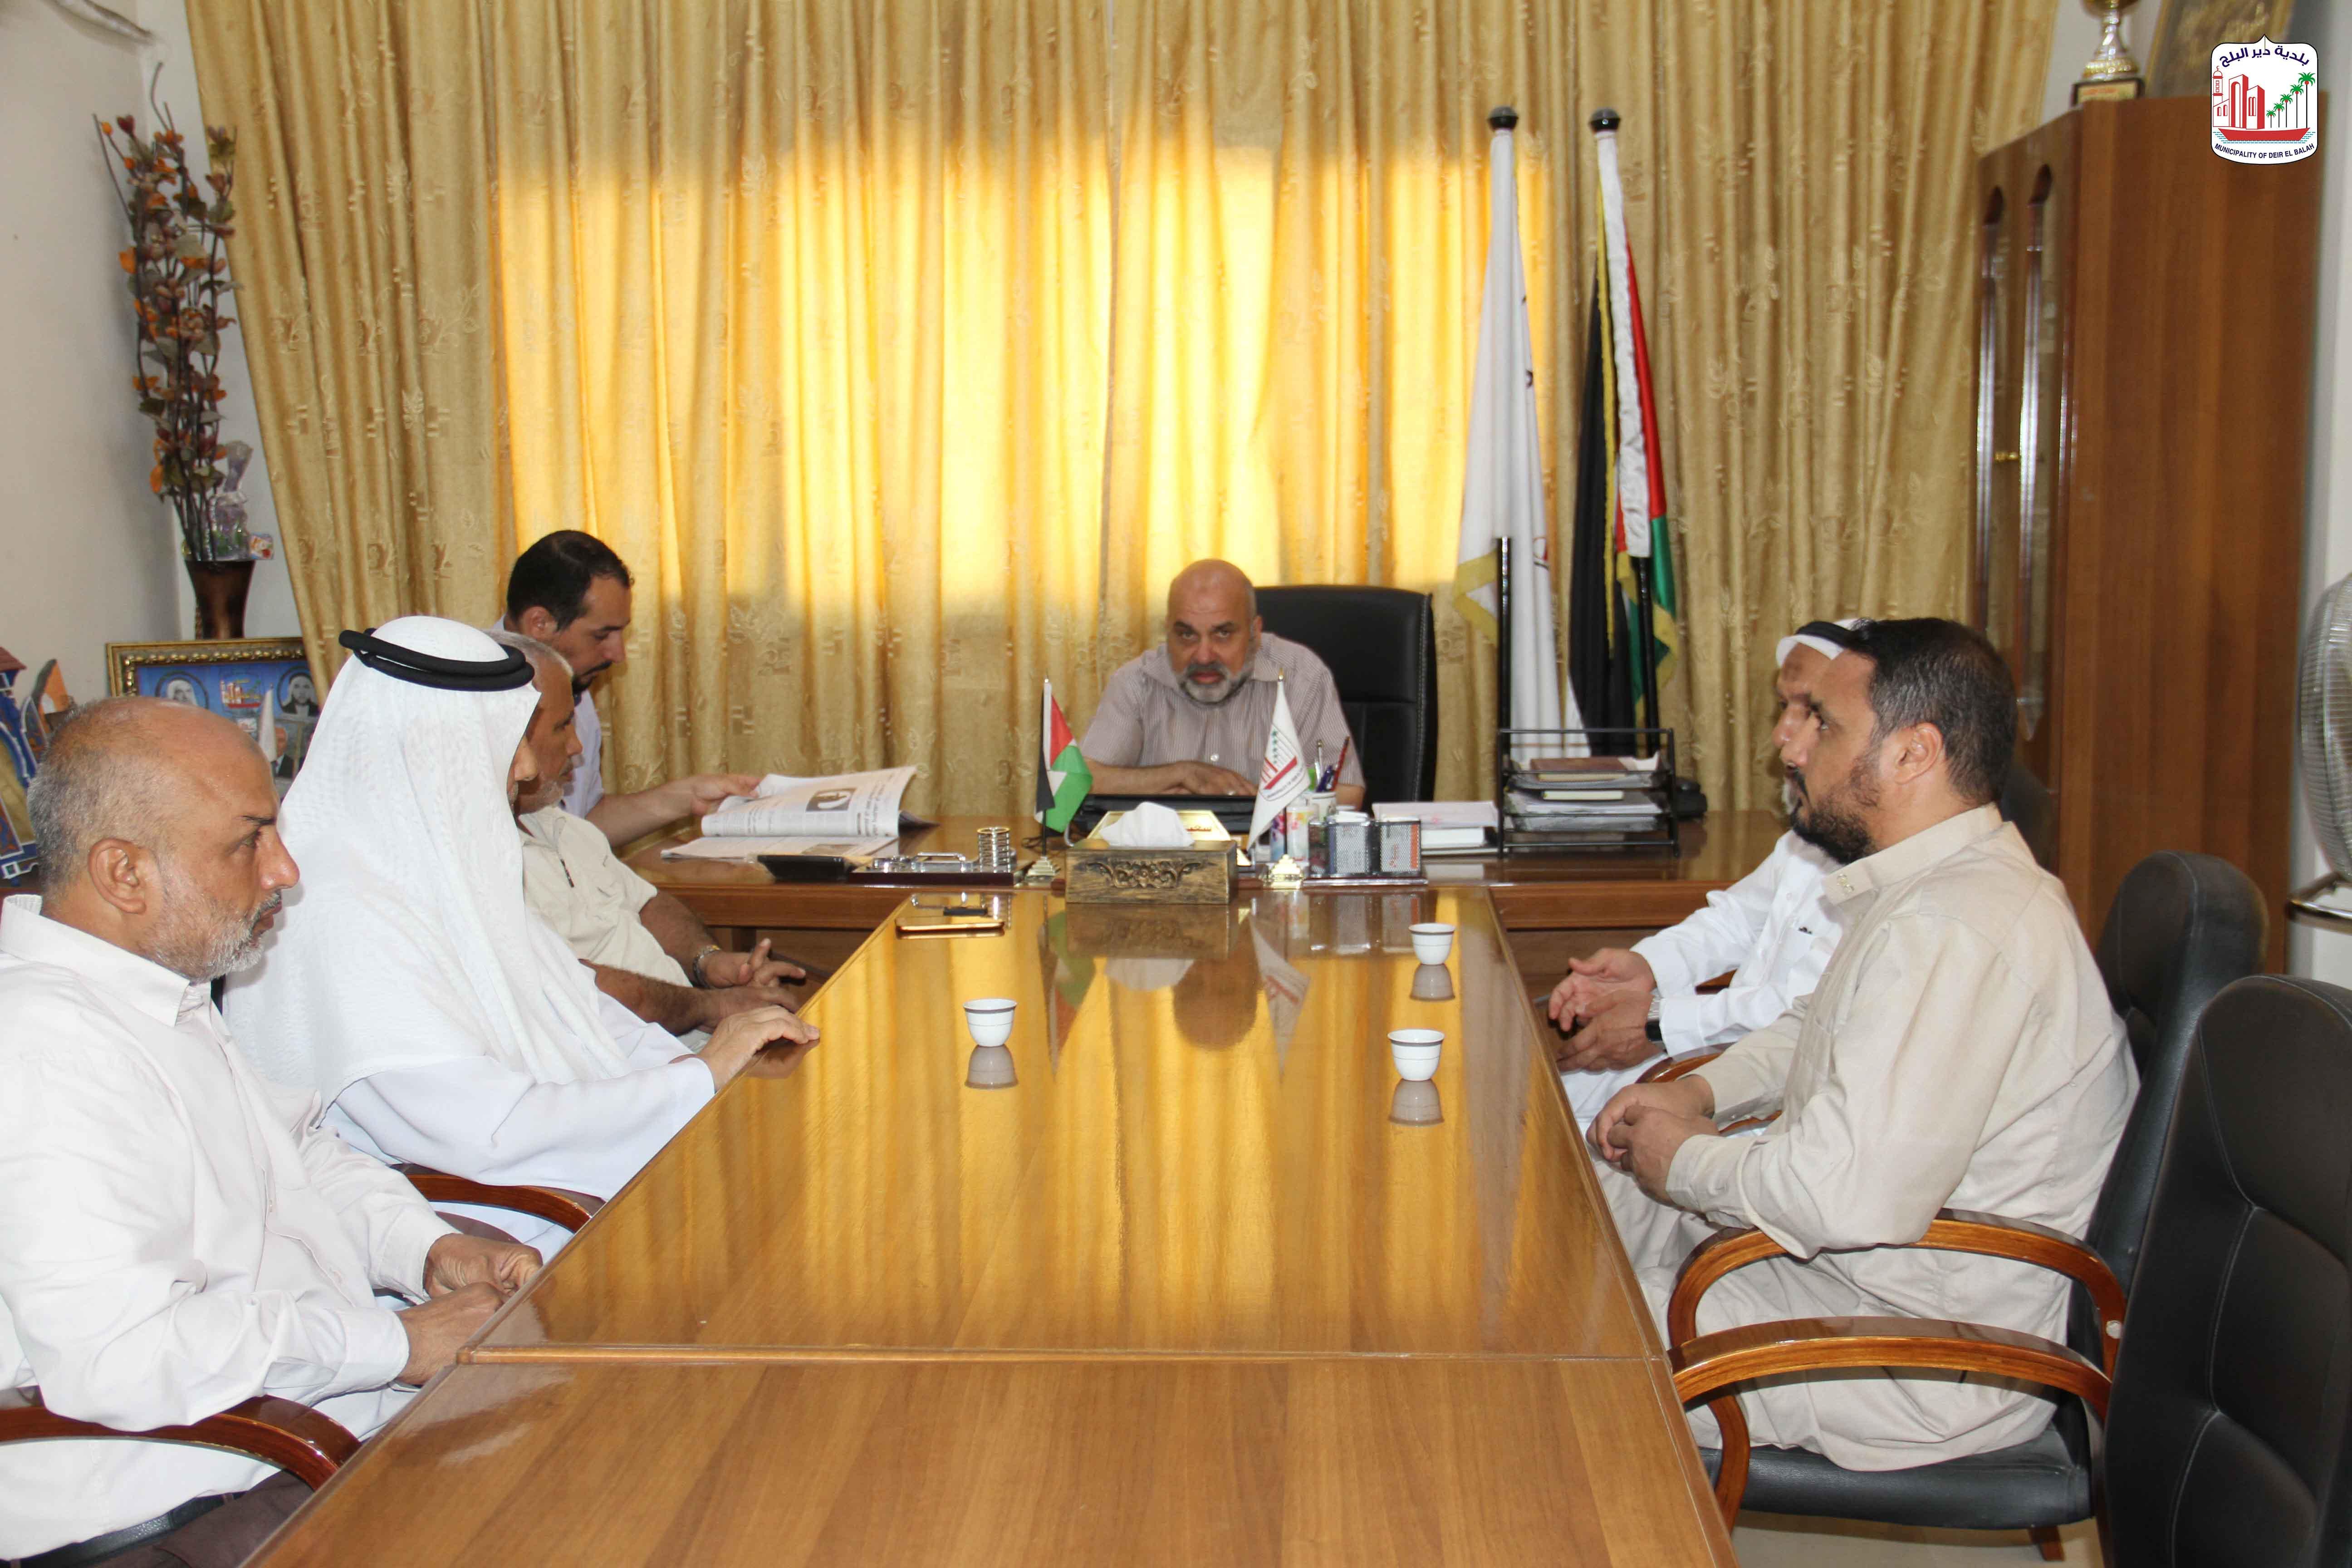 رئيس البلدية يستقبل بعض من سكان منطقة الحكر بالمدينة